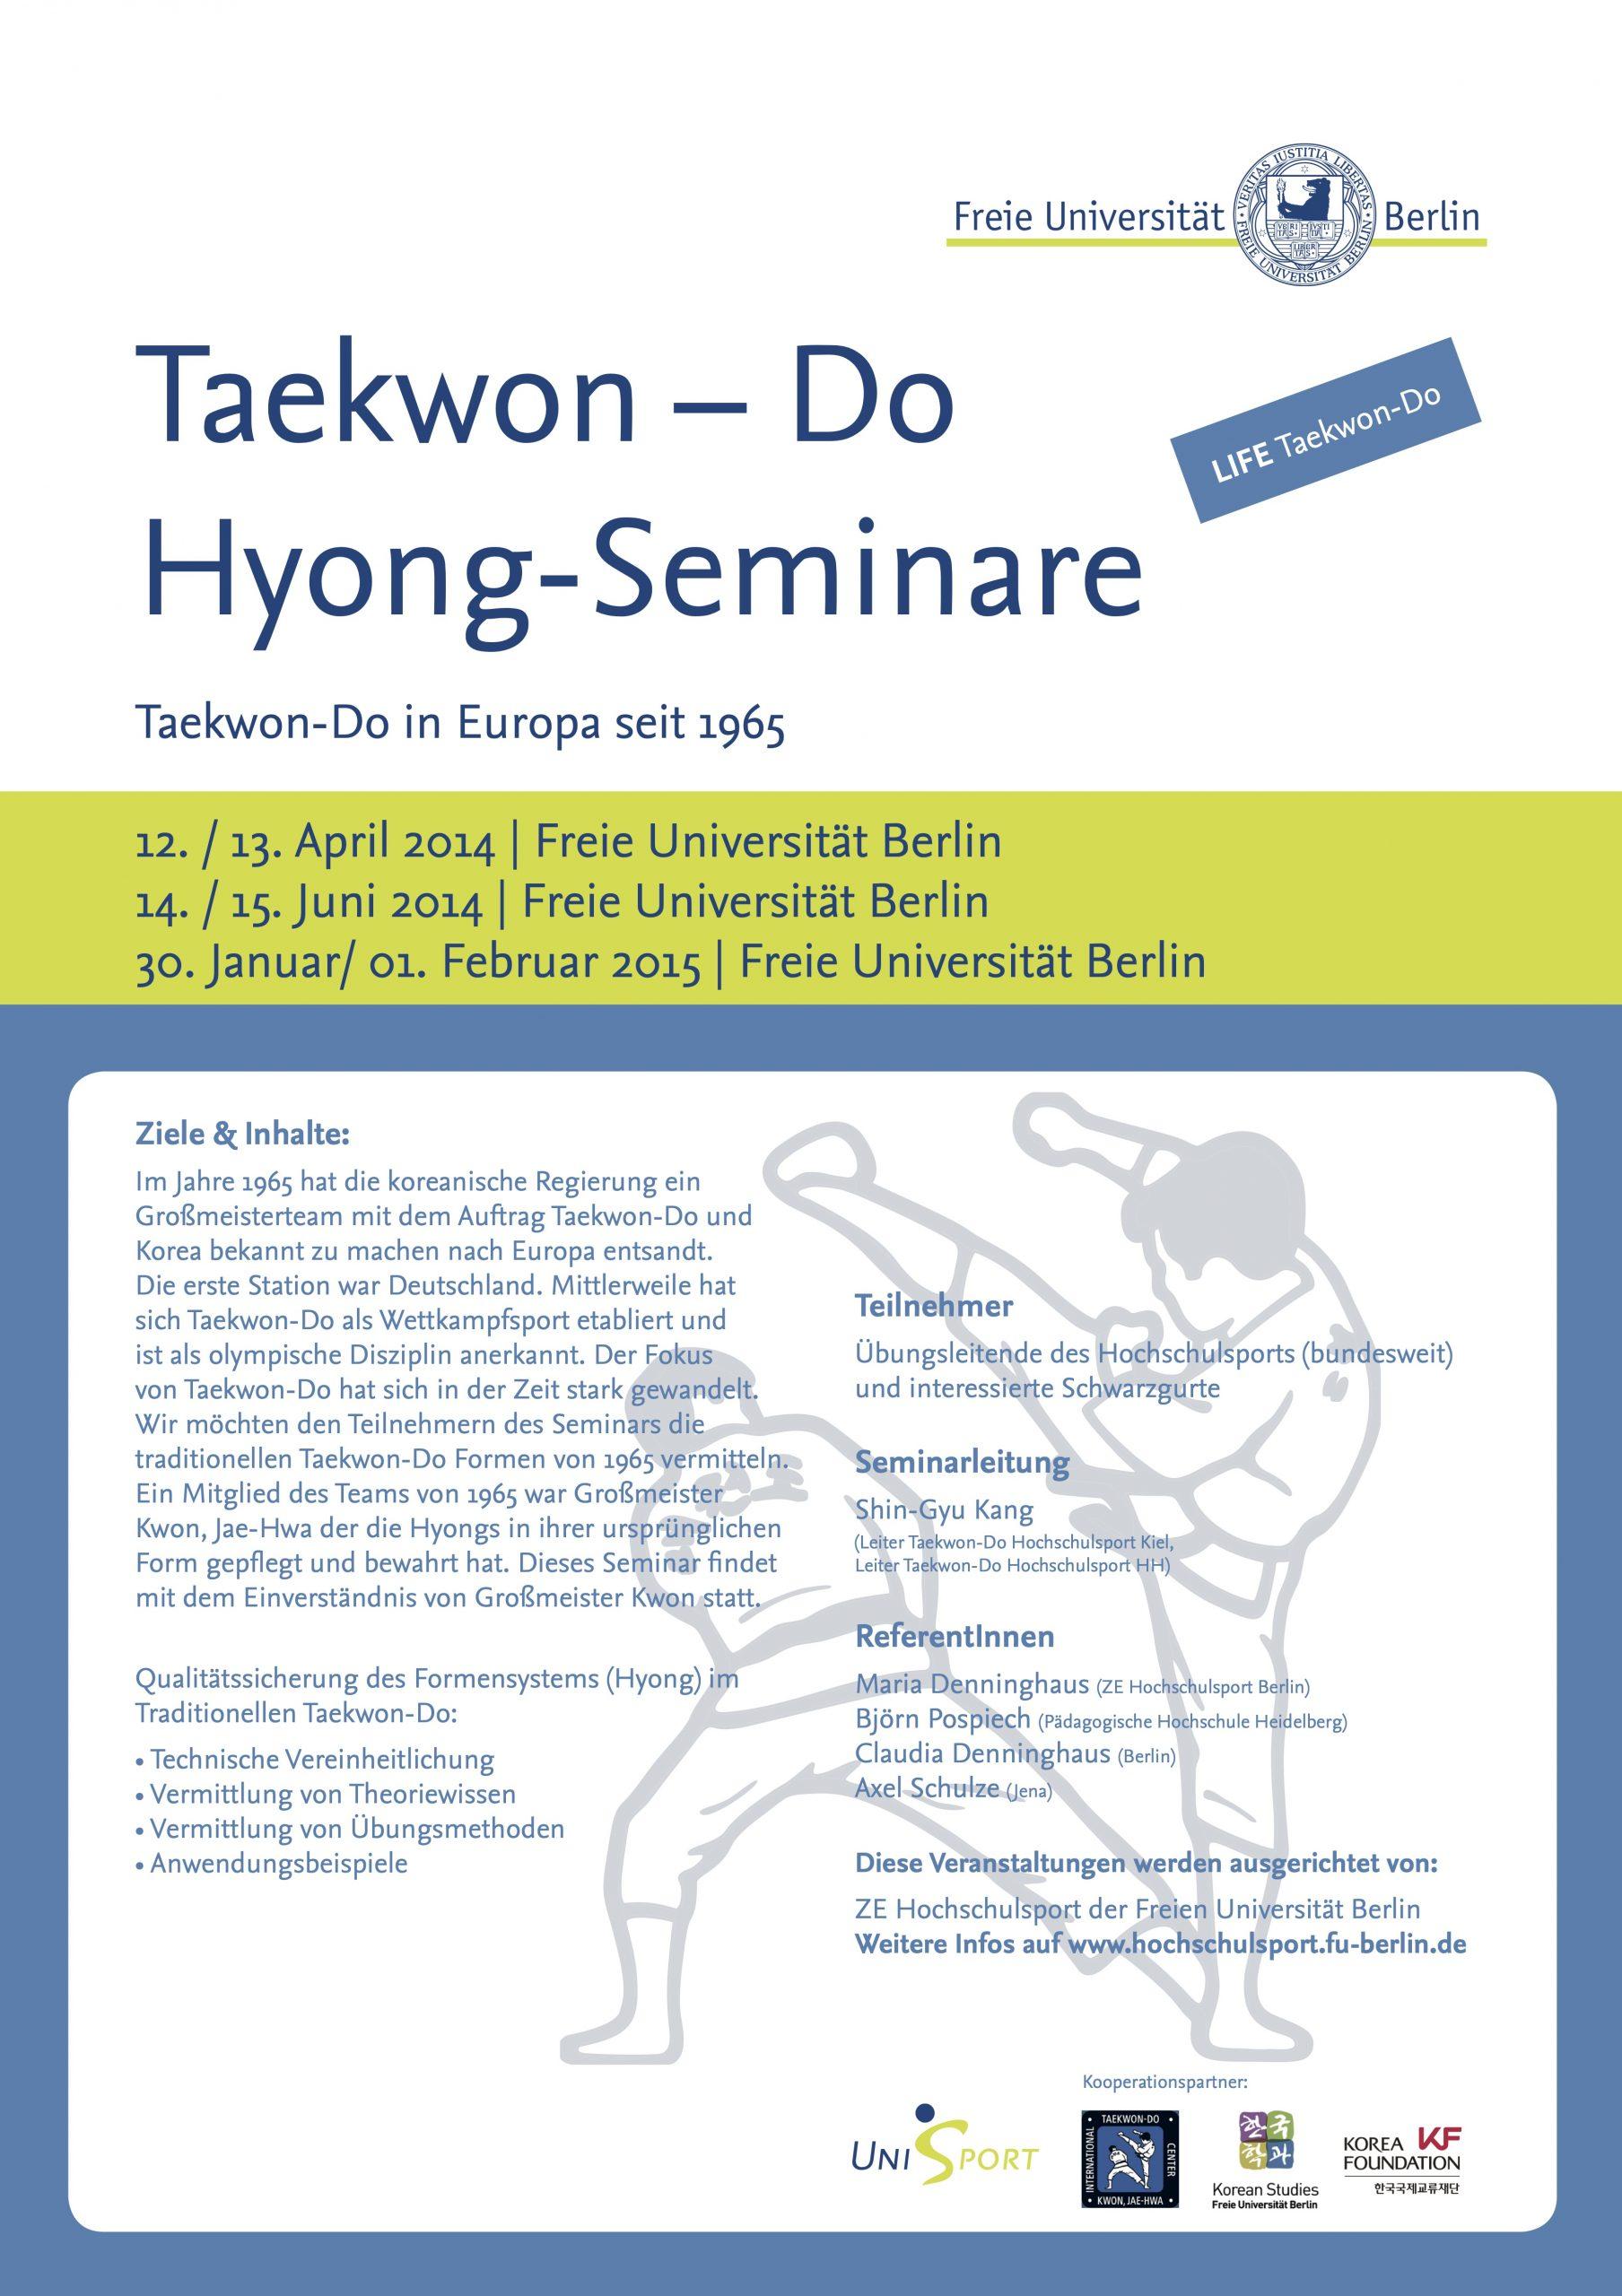 5. Taekwon-Do Hyong Seminar | 30. Januar / 01. Februar 2015 | Berlin